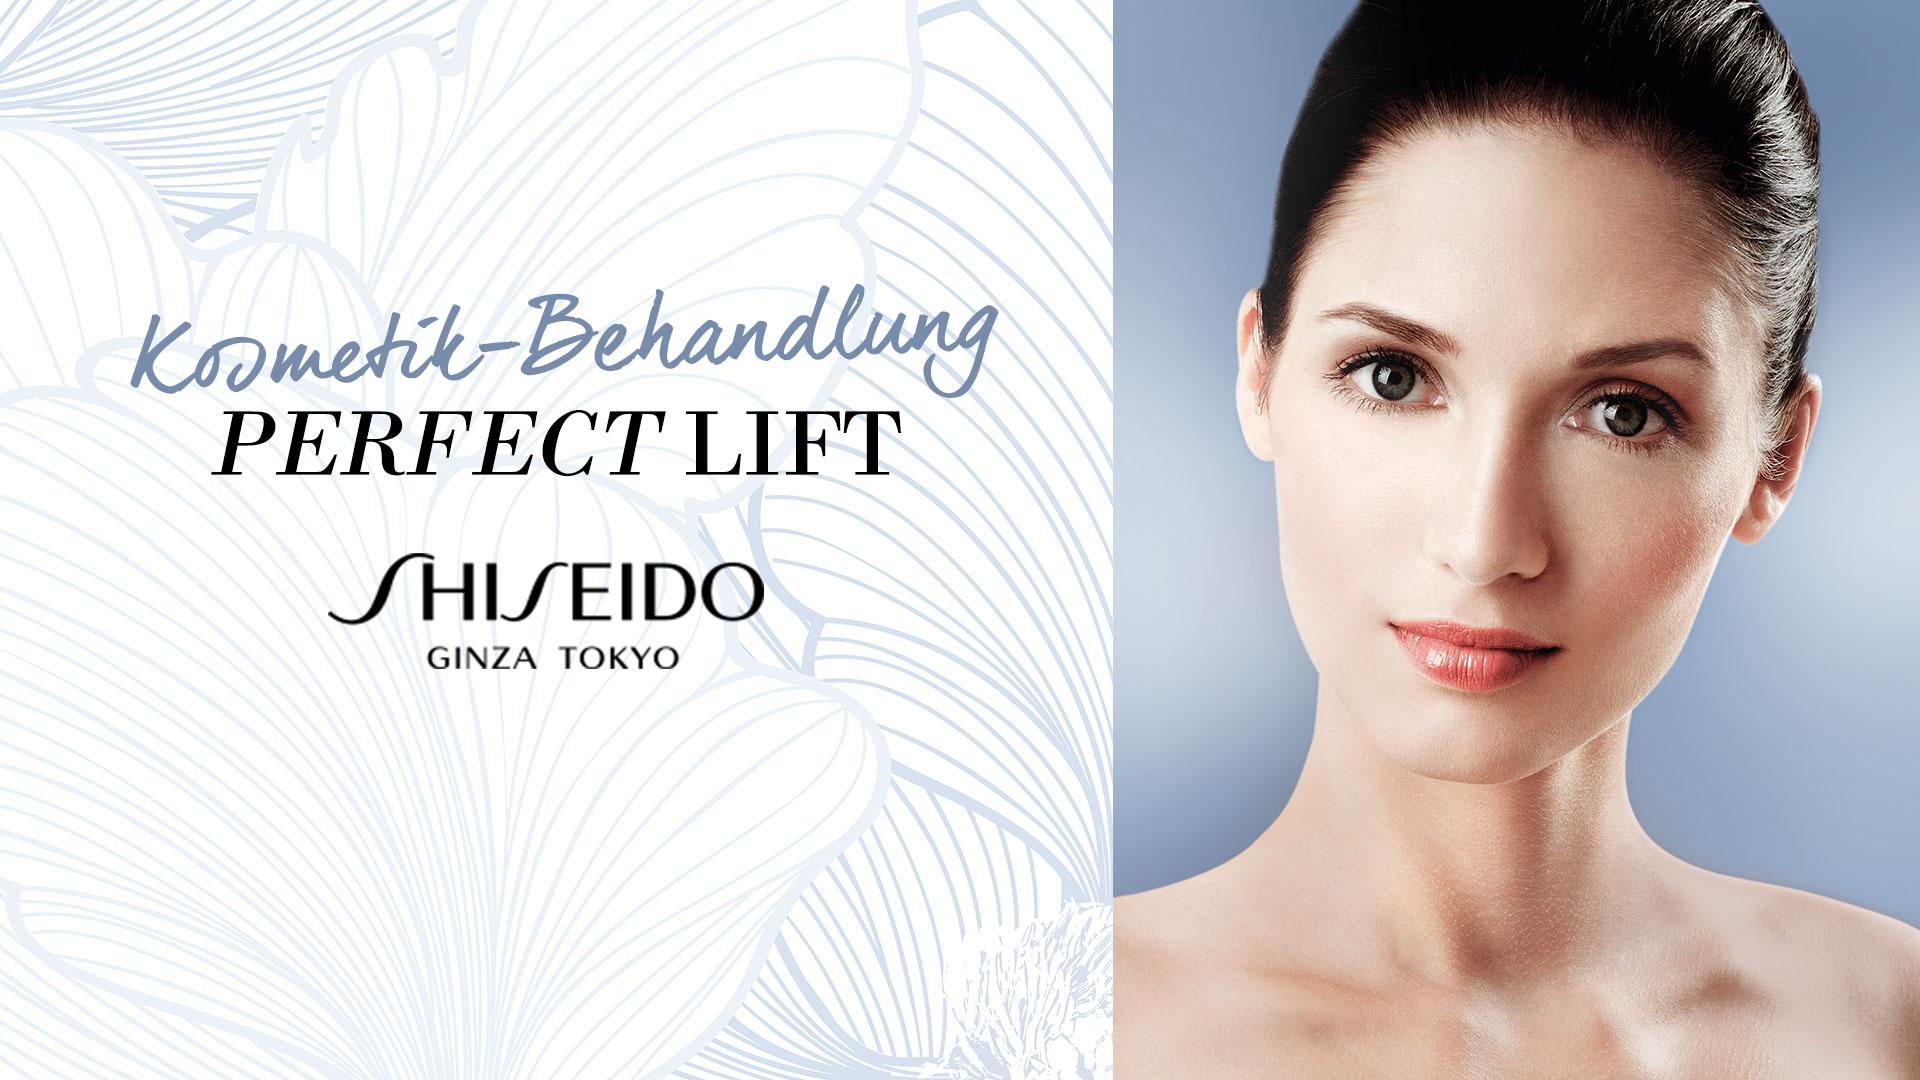 shiseido-trendbehandlung